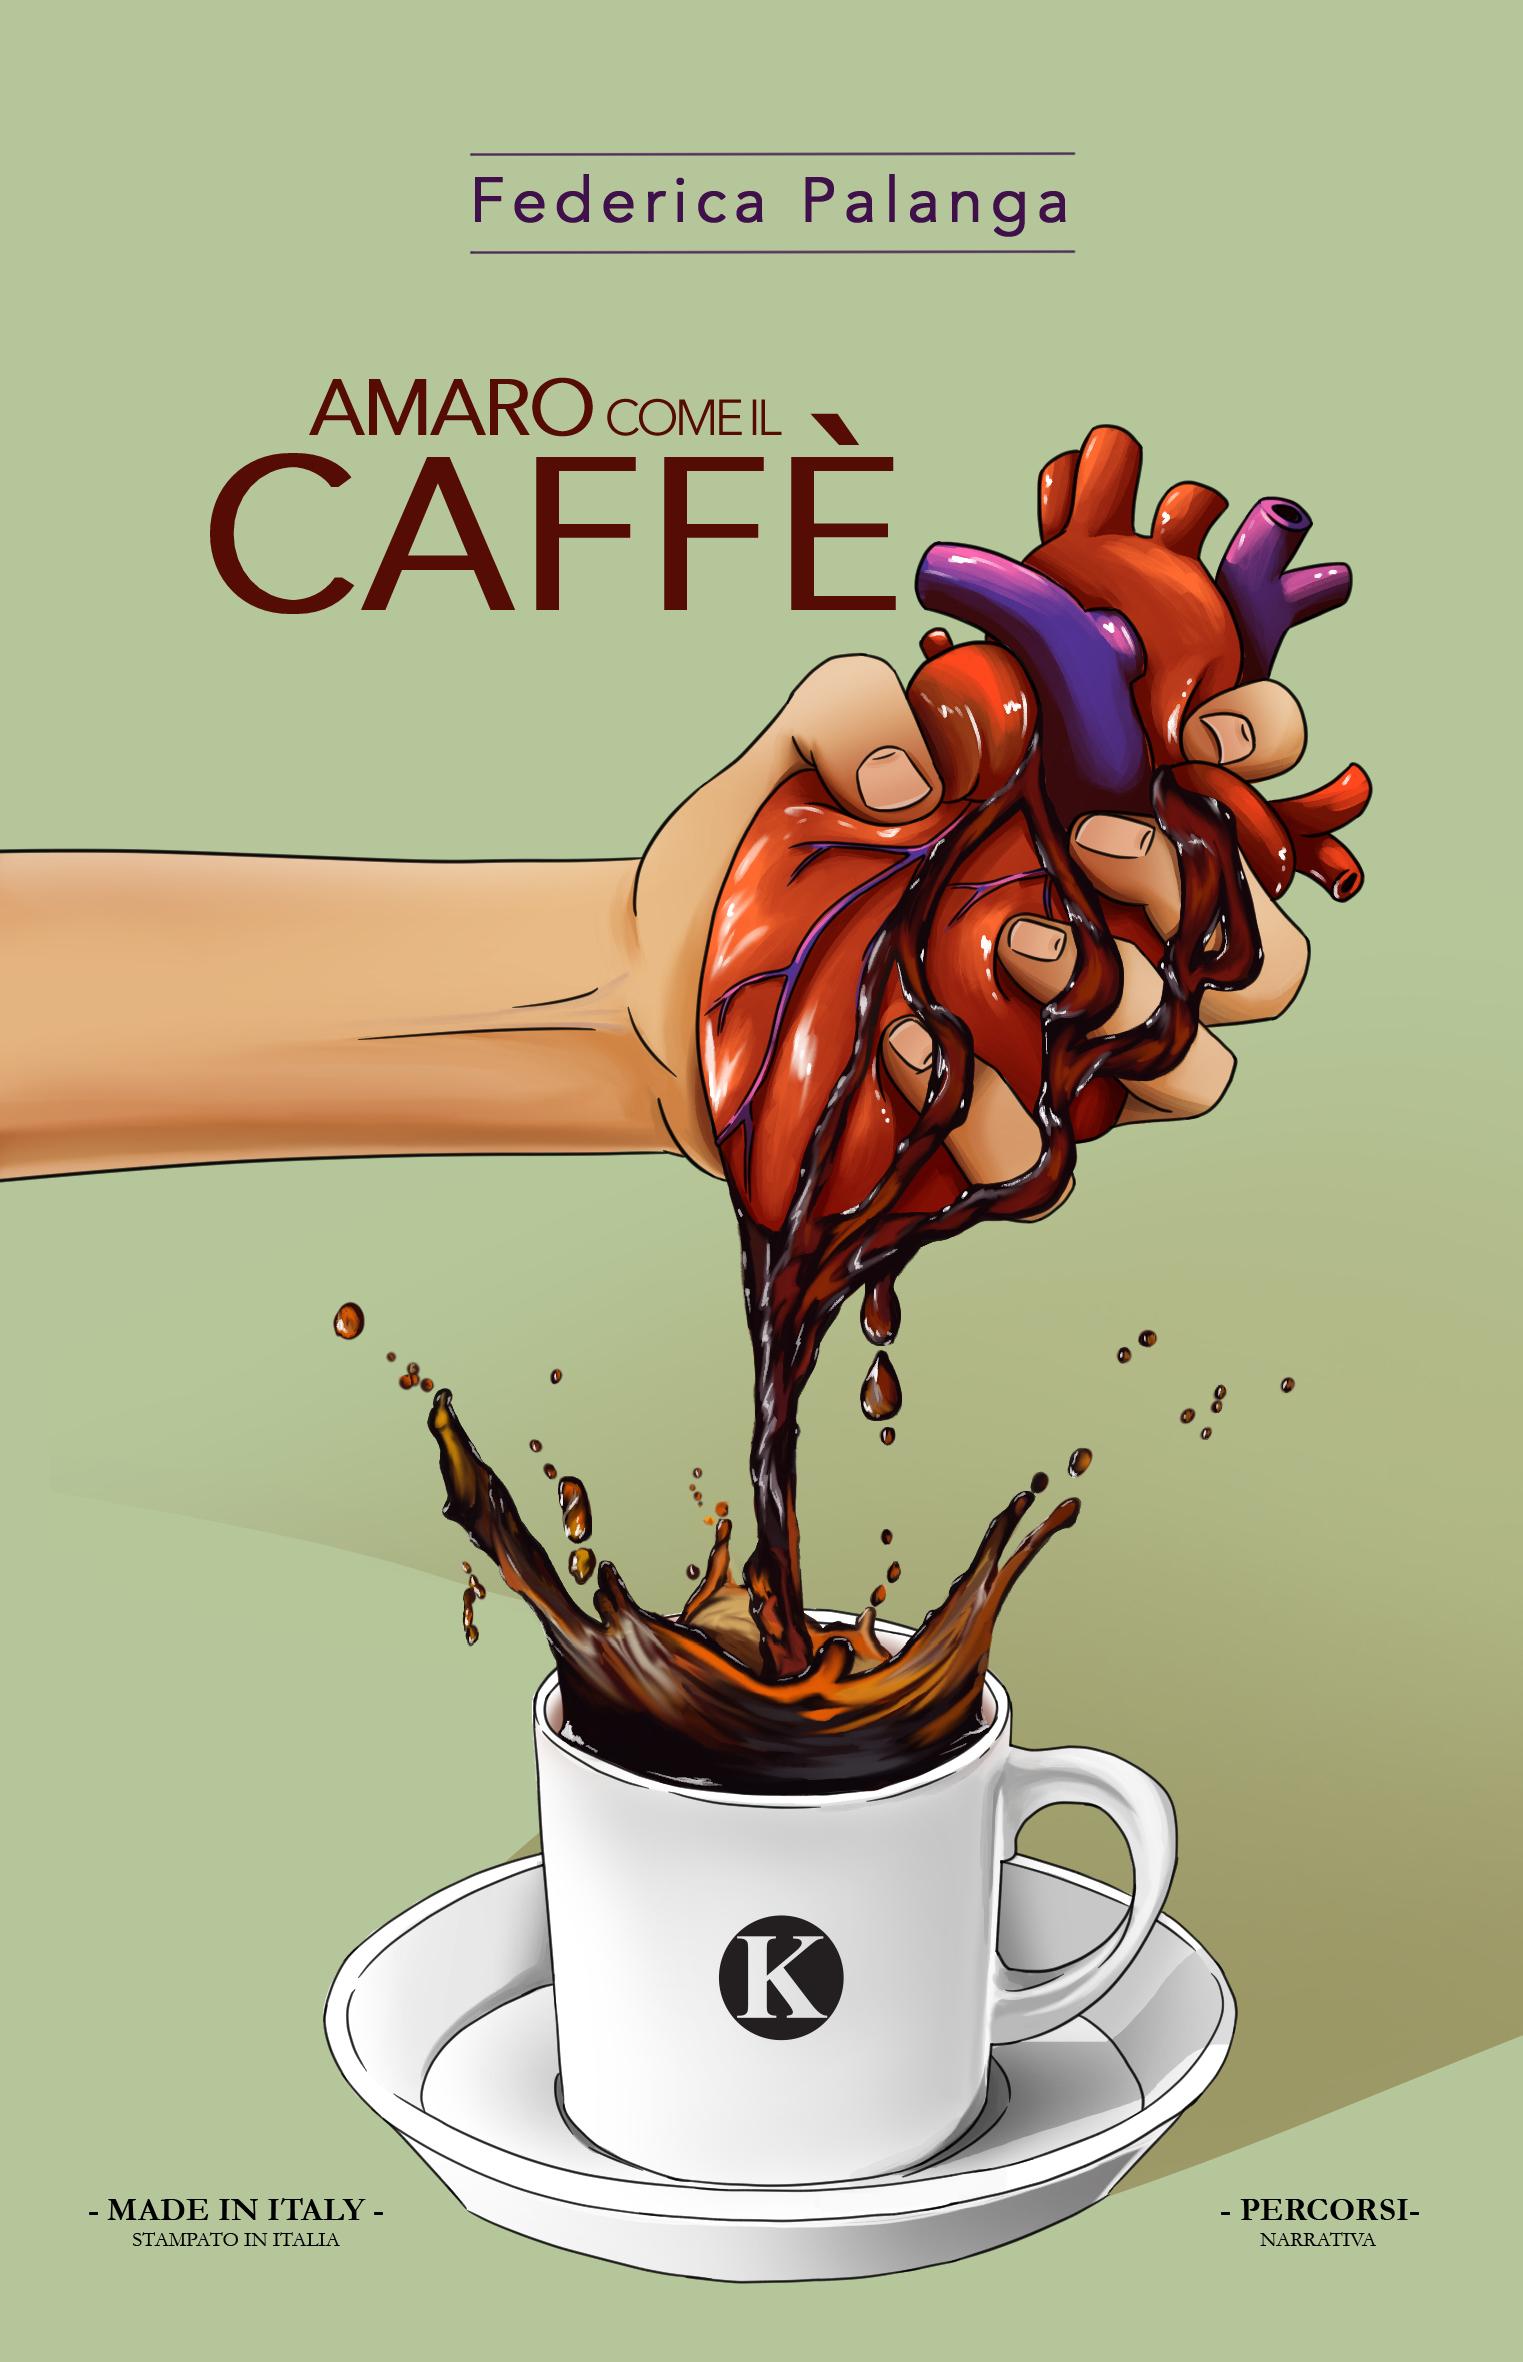 Amaro come il caffè